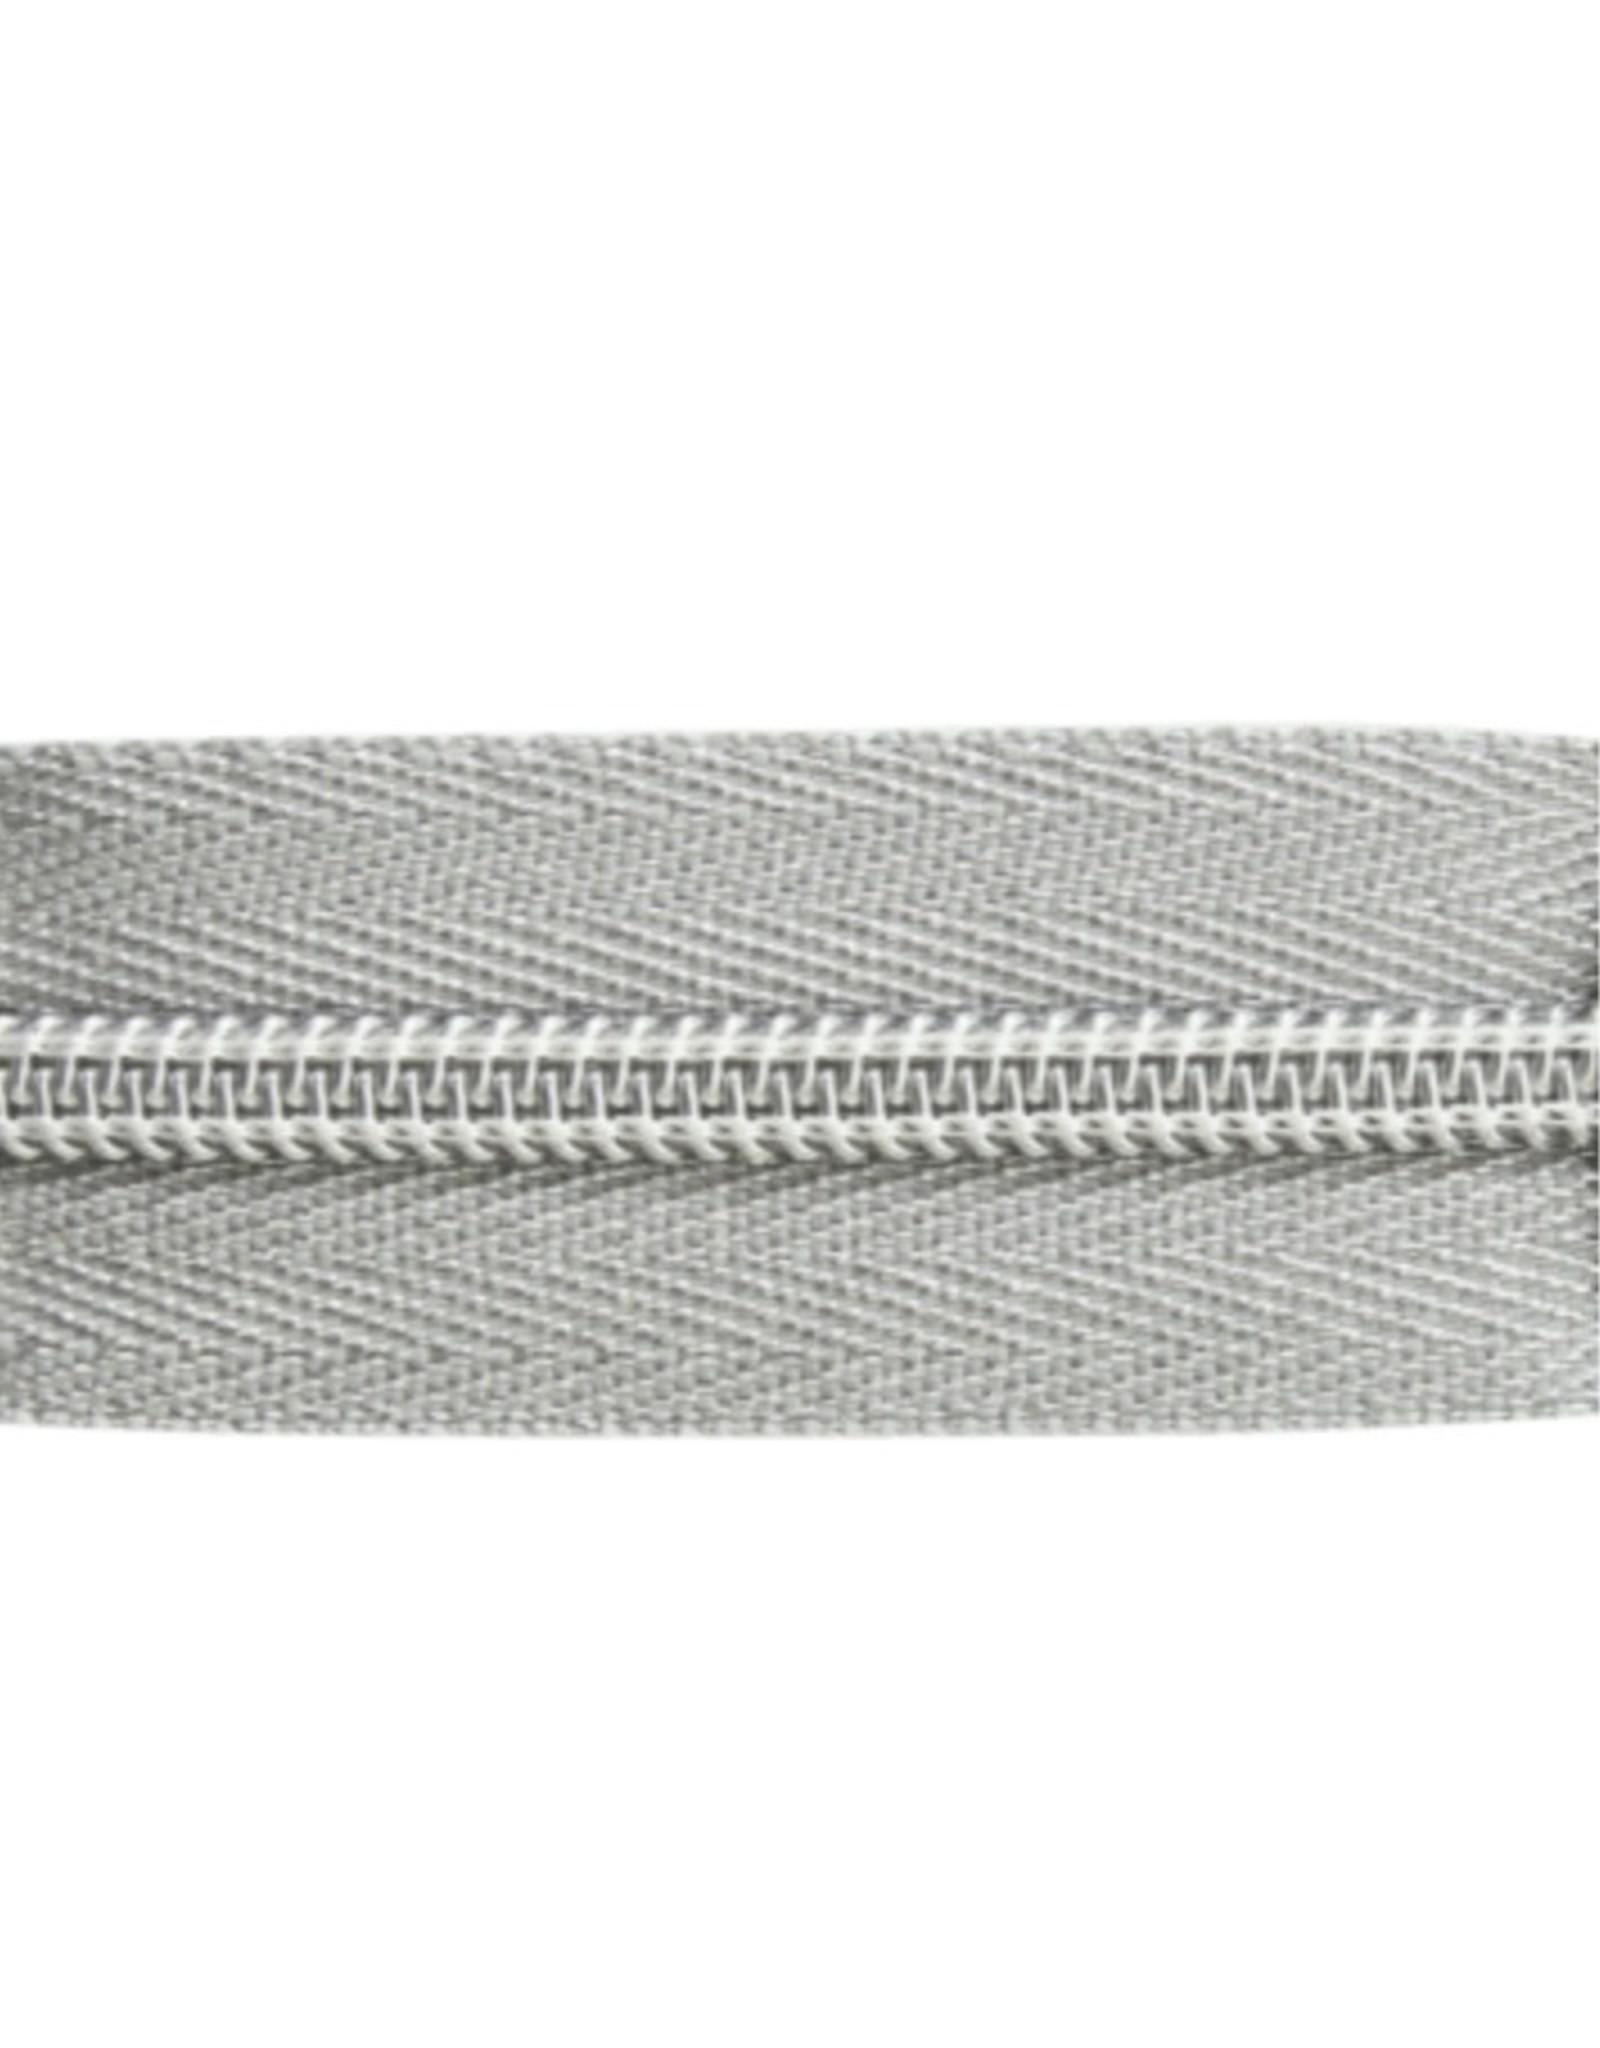 Rits op rol (excl. trekker) - Zilver - Size 8